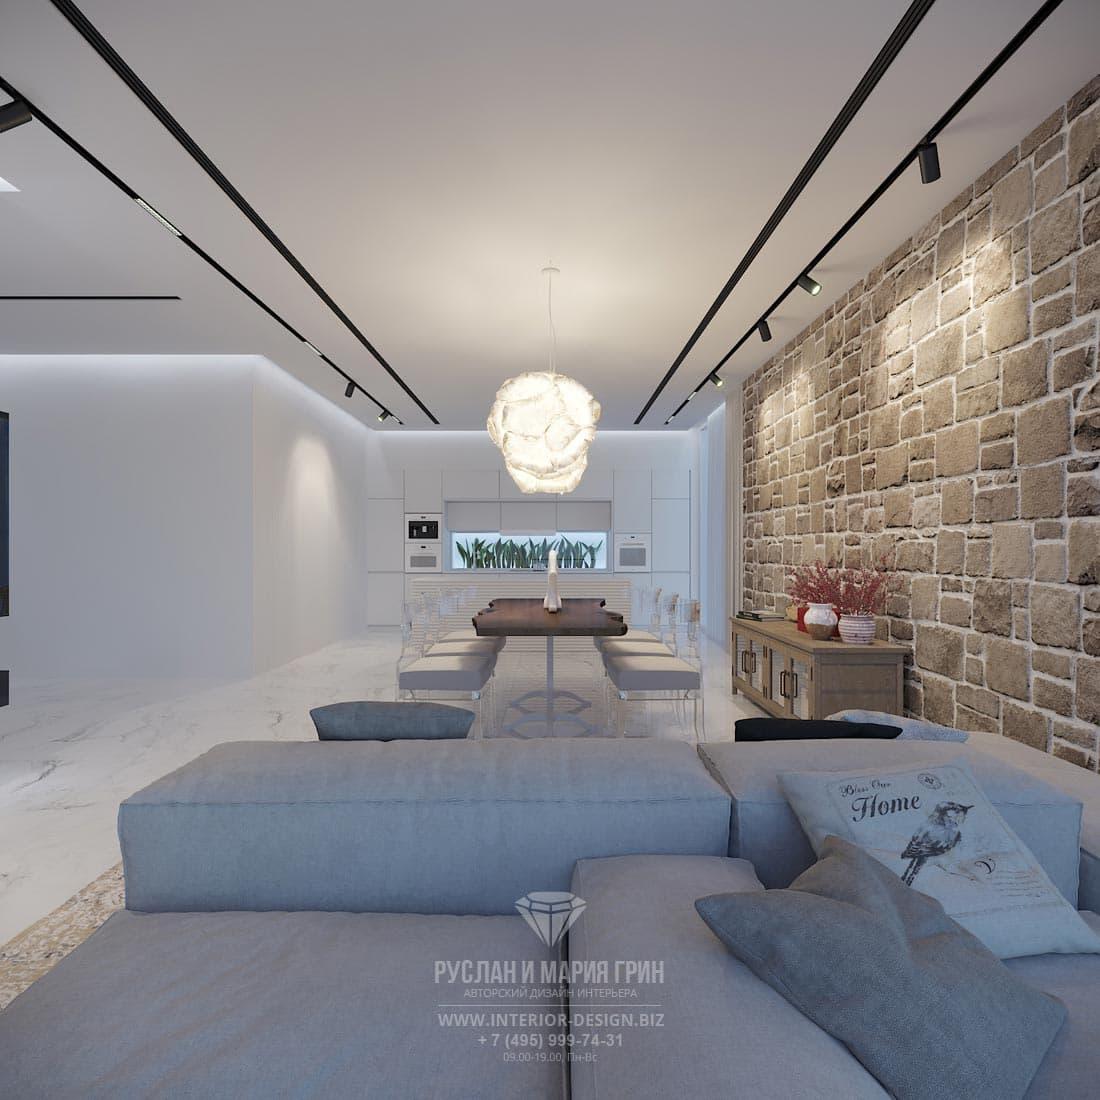 Квартира в Тель-Авиве в светло-серых с коричневым тонах